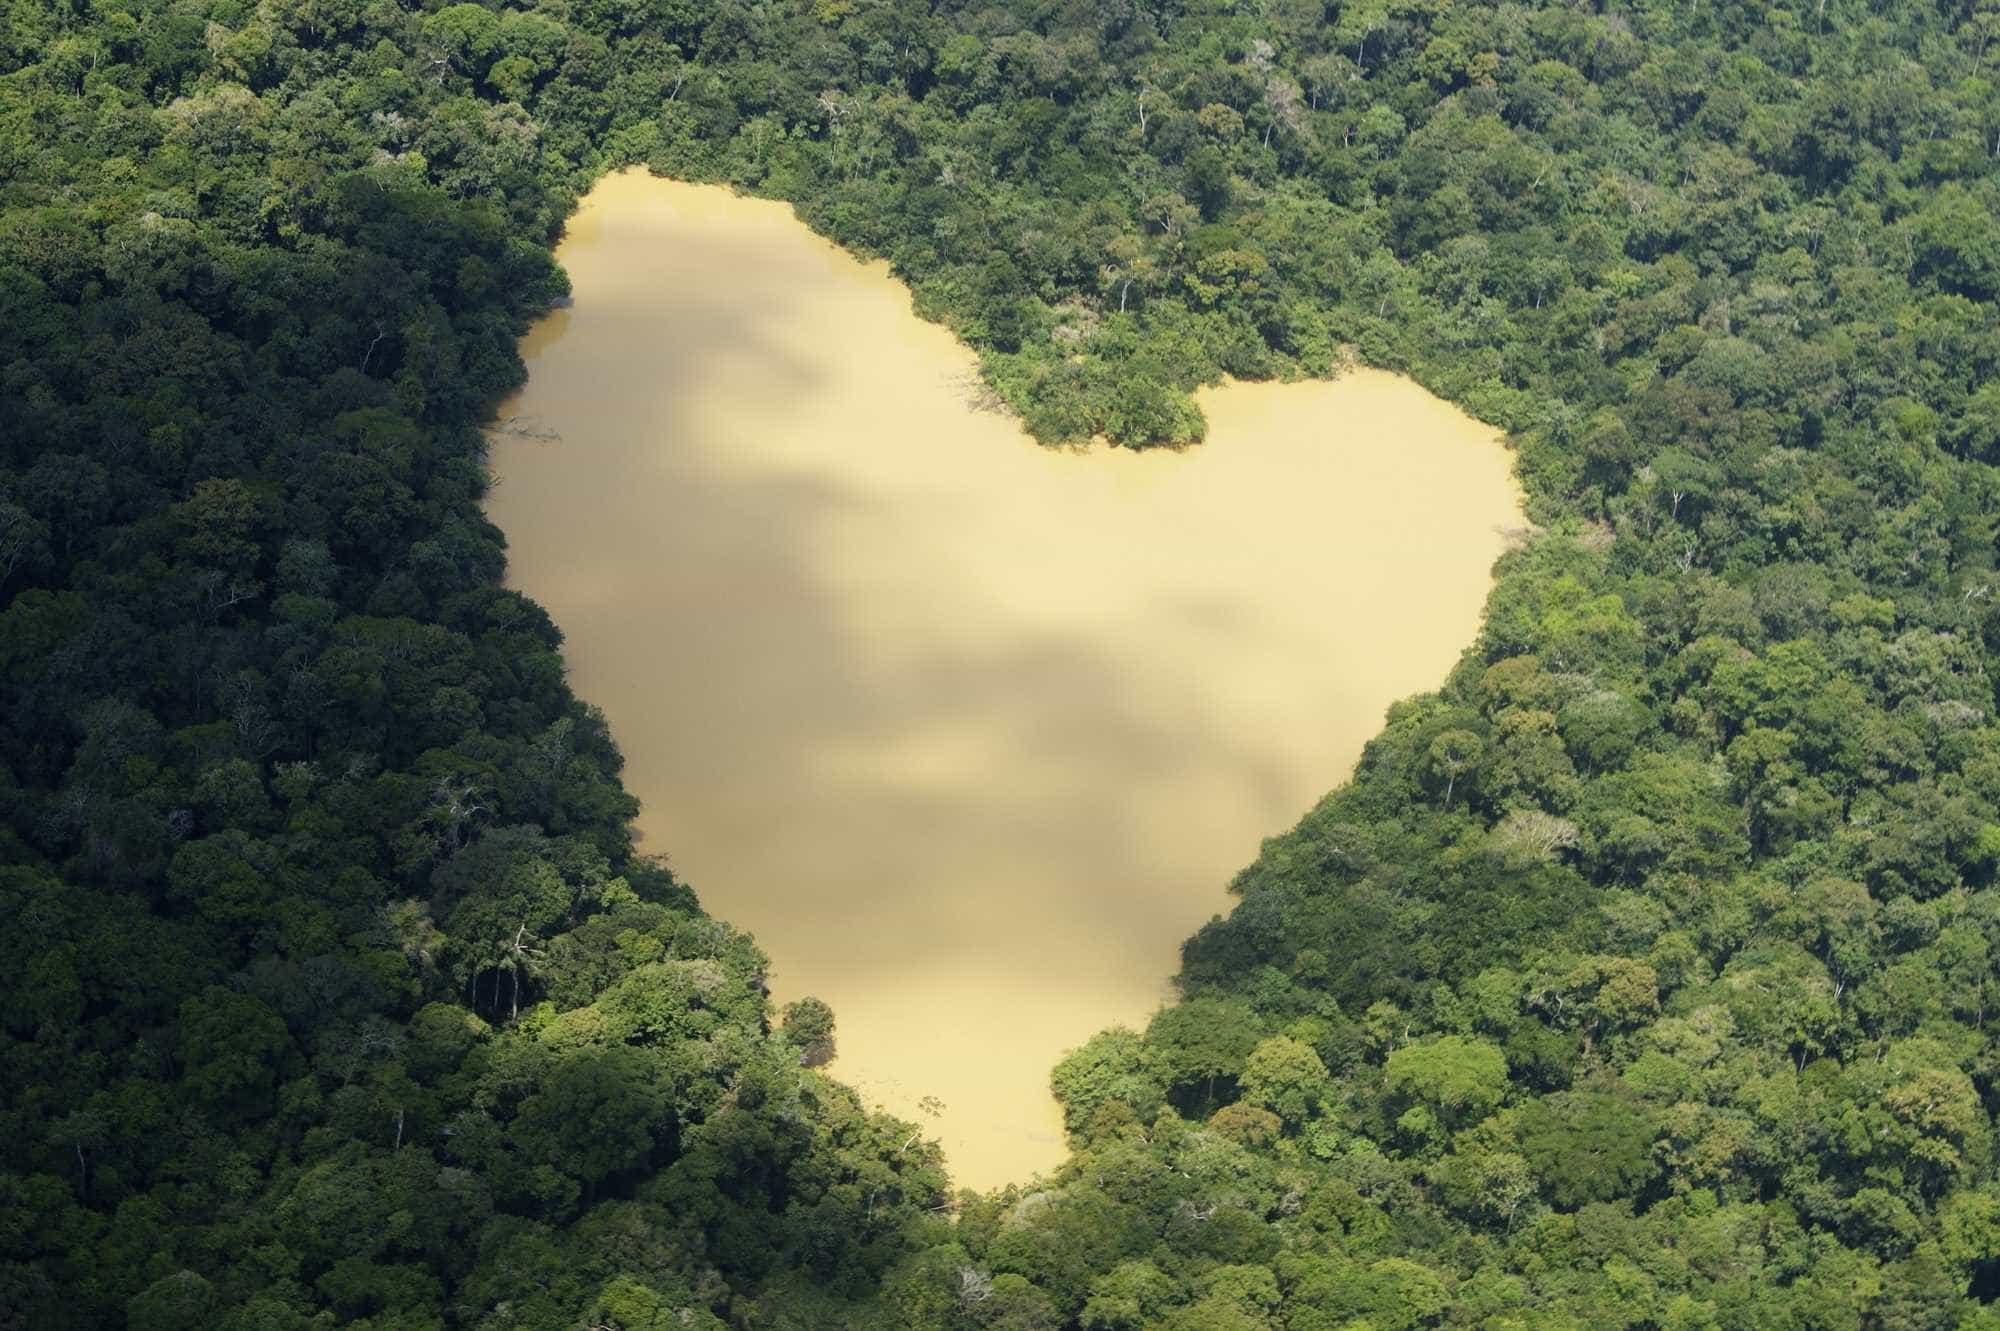 Pesquisa decifra causas de aumento de enchentes na Amazônia